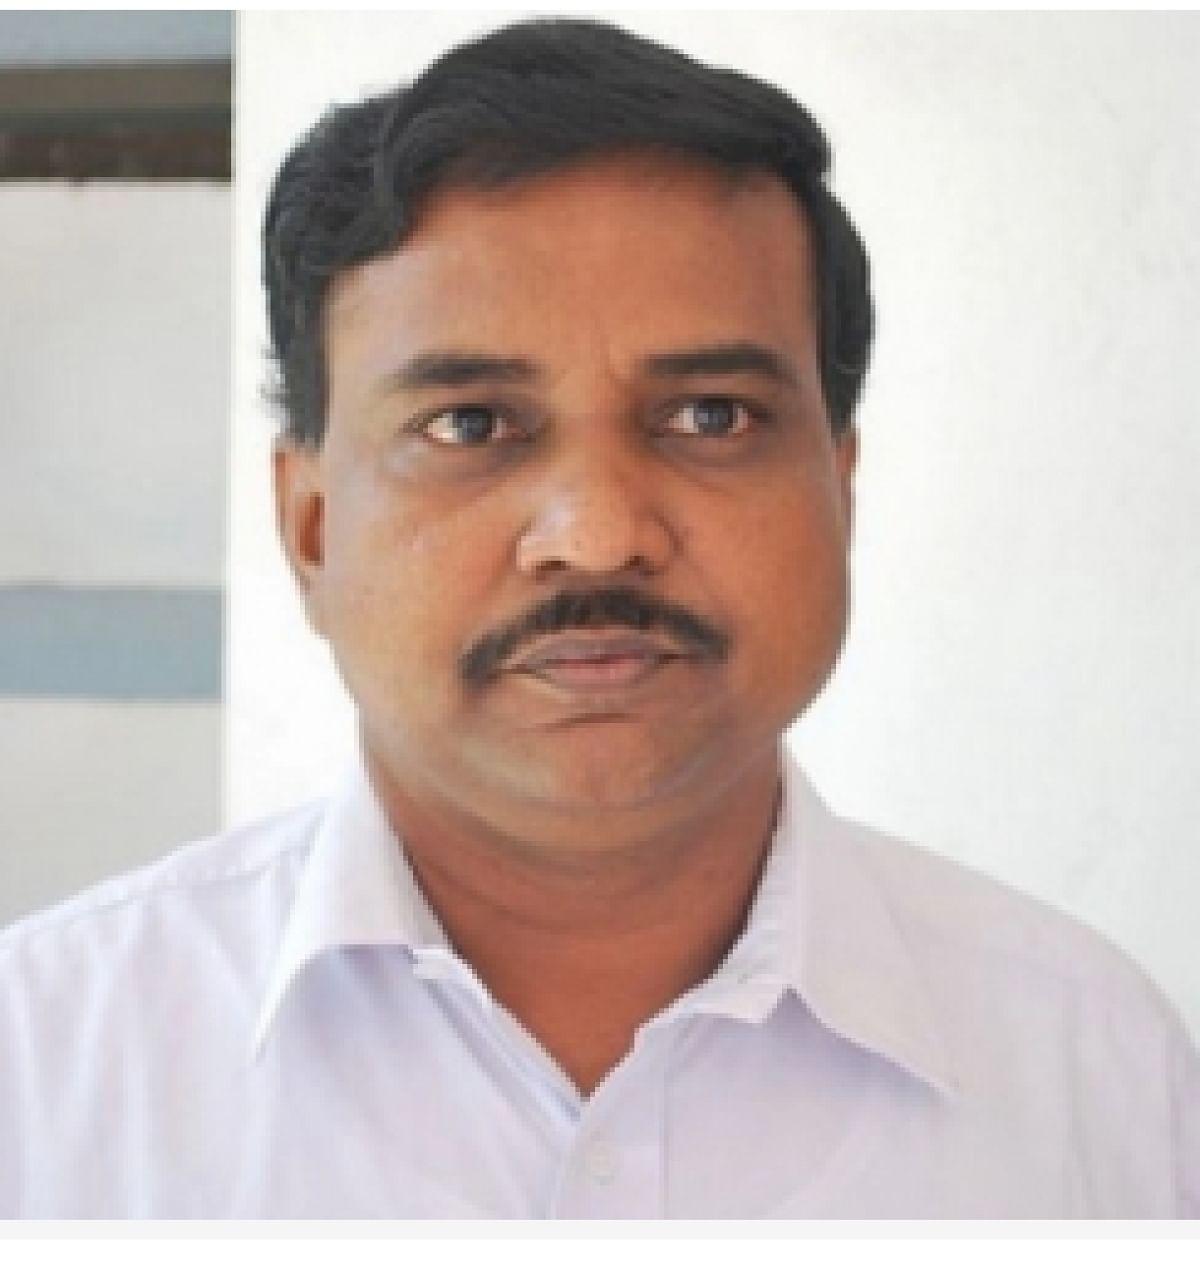 பிரின்ஸ் கஜேந்திரபாபு. கல்வியாளர்